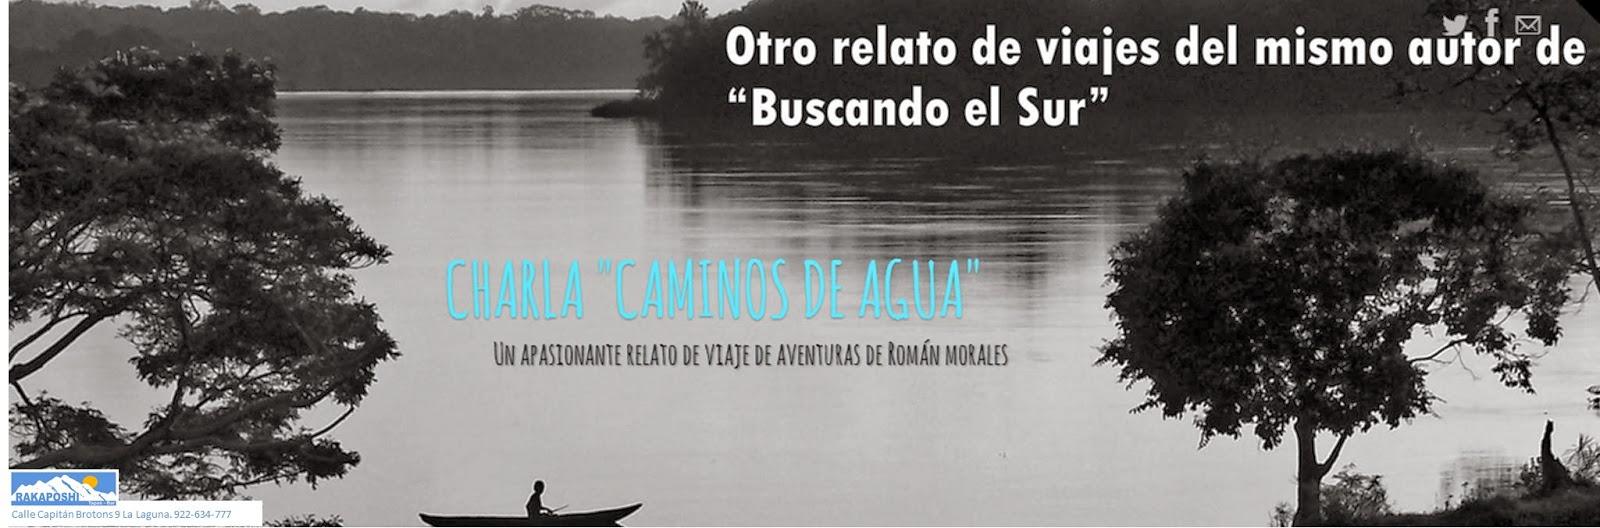 12 diciembre 2013. Caminos de agua. Román Morales